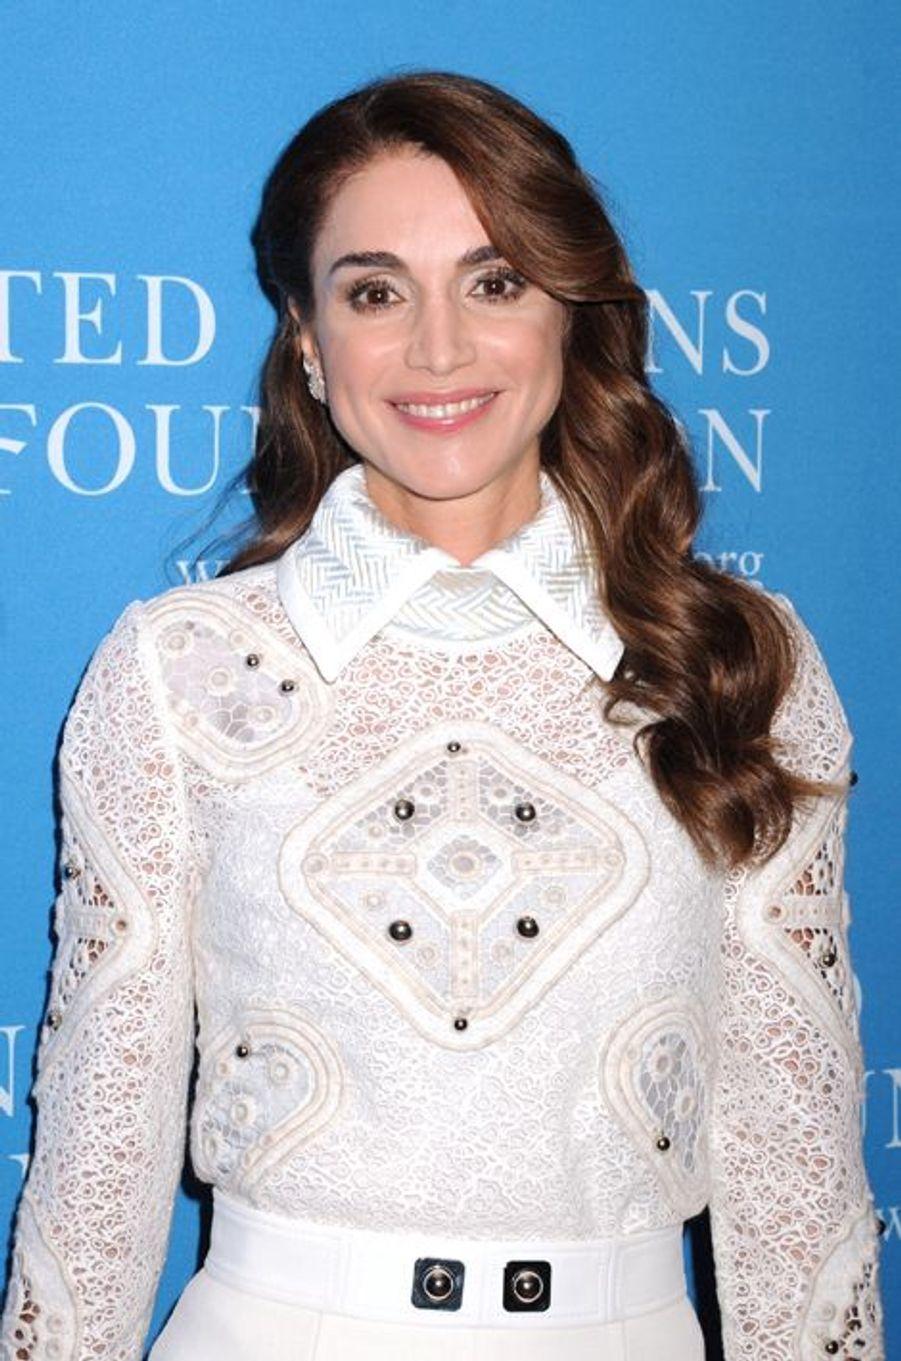 La reine Rania de Jordanie à la soirée de la Fondation des Nations Unies à l'hôtel Four Seasons de New York vendredi dernier.